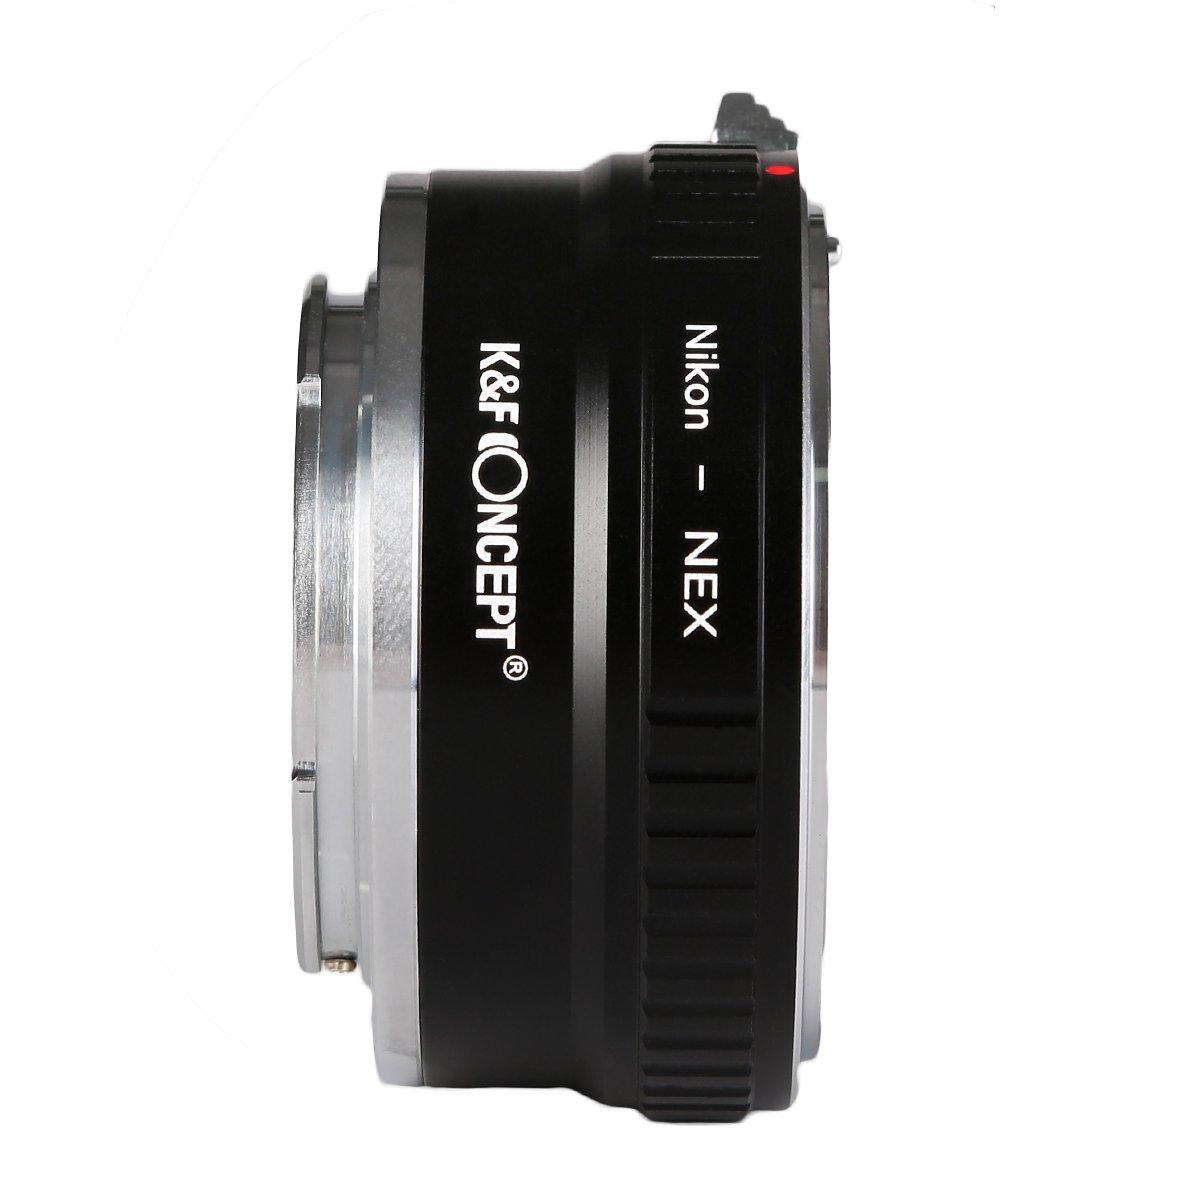 K/&F Concept Lens Mount Adapter FD-NEX Copper Adapter For Canon FD FL Lens to NEX E-Mount Camera for Sony Alpha NEX-7 NEX-6 NEX-5N NEX-5 NEX-C3 NEX-3